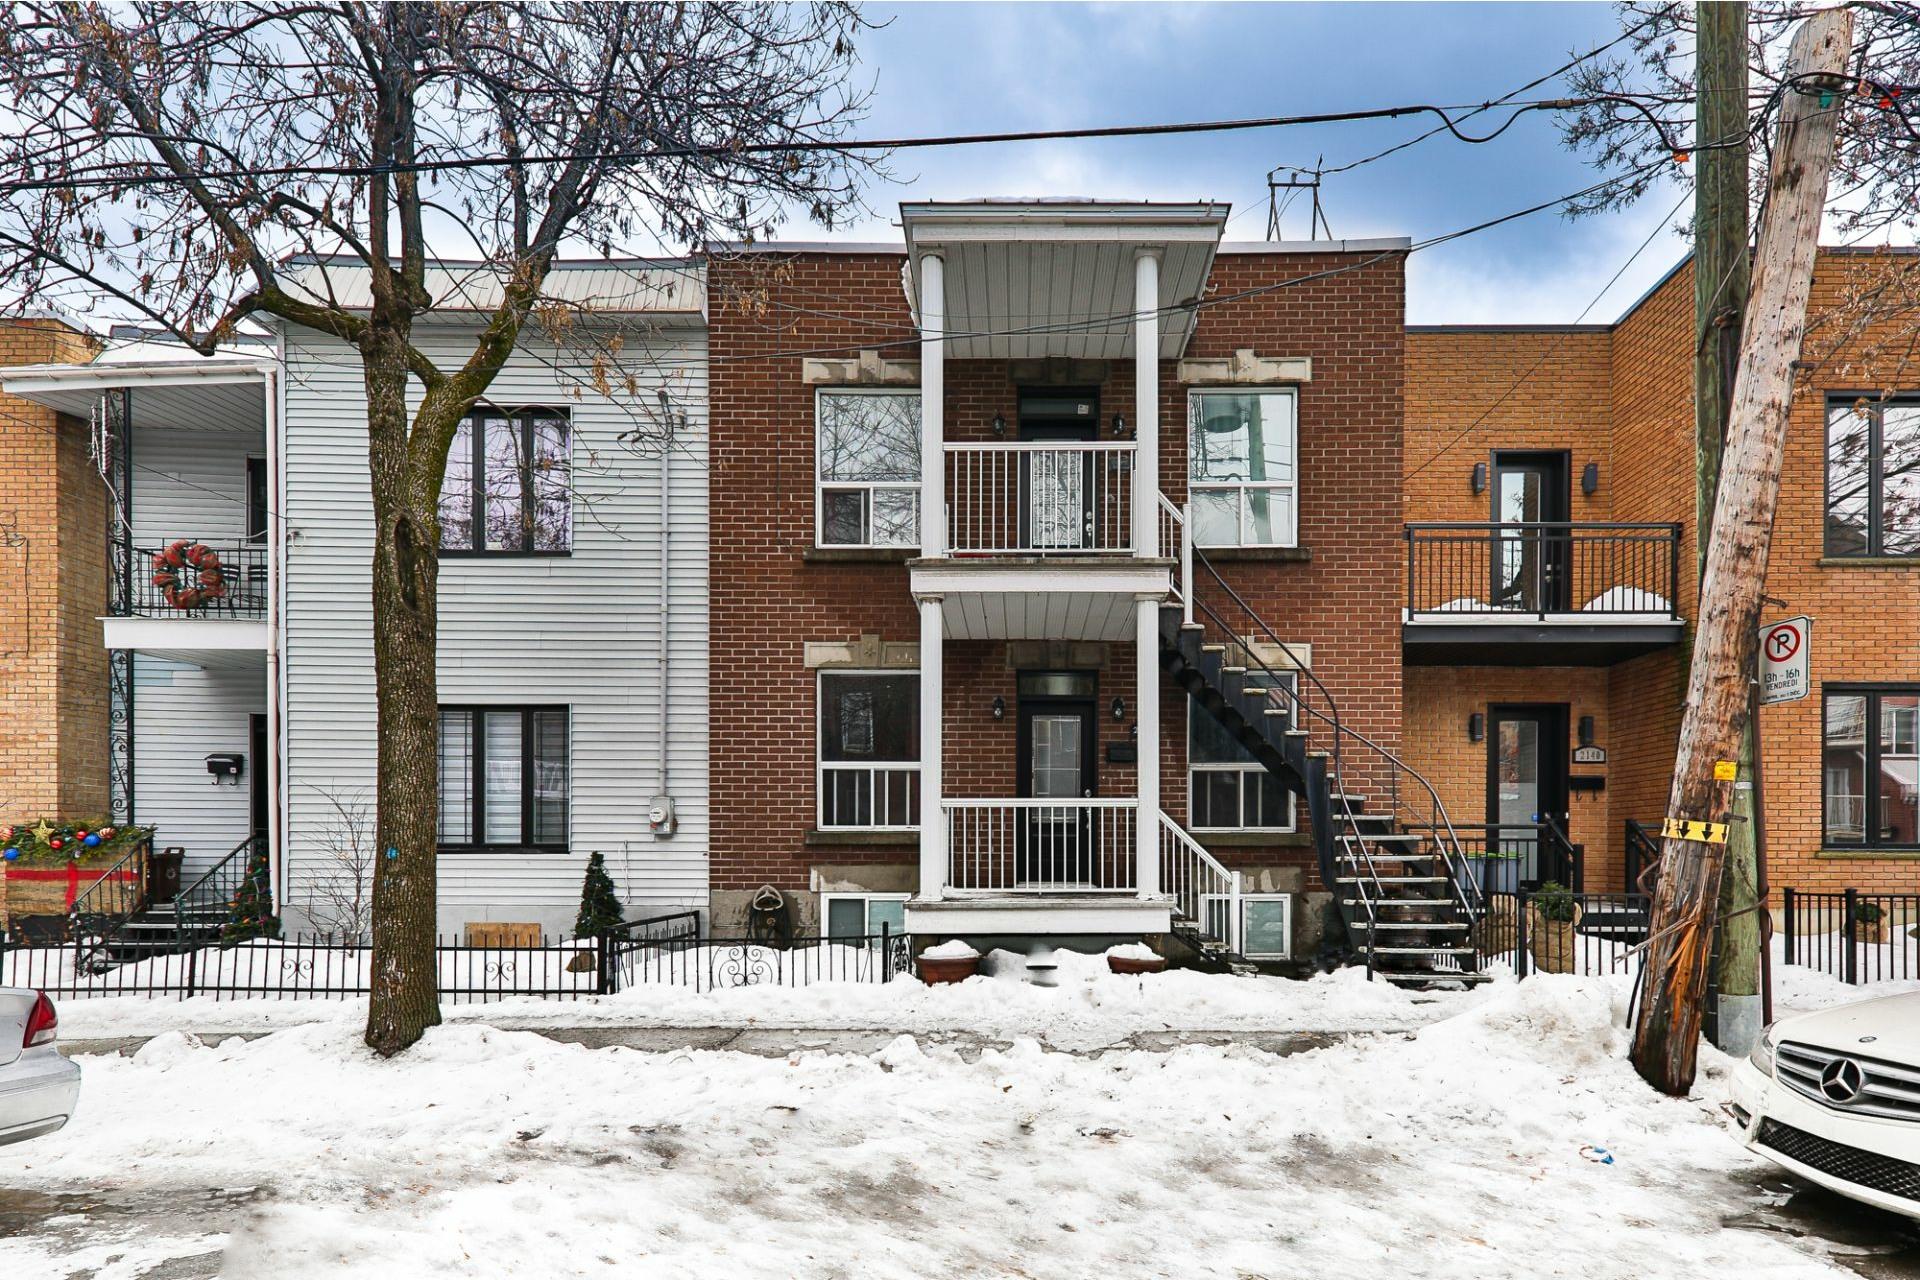 image 19 - Duplex À vendre Le Sud-Ouest Montréal  - 5 pièces